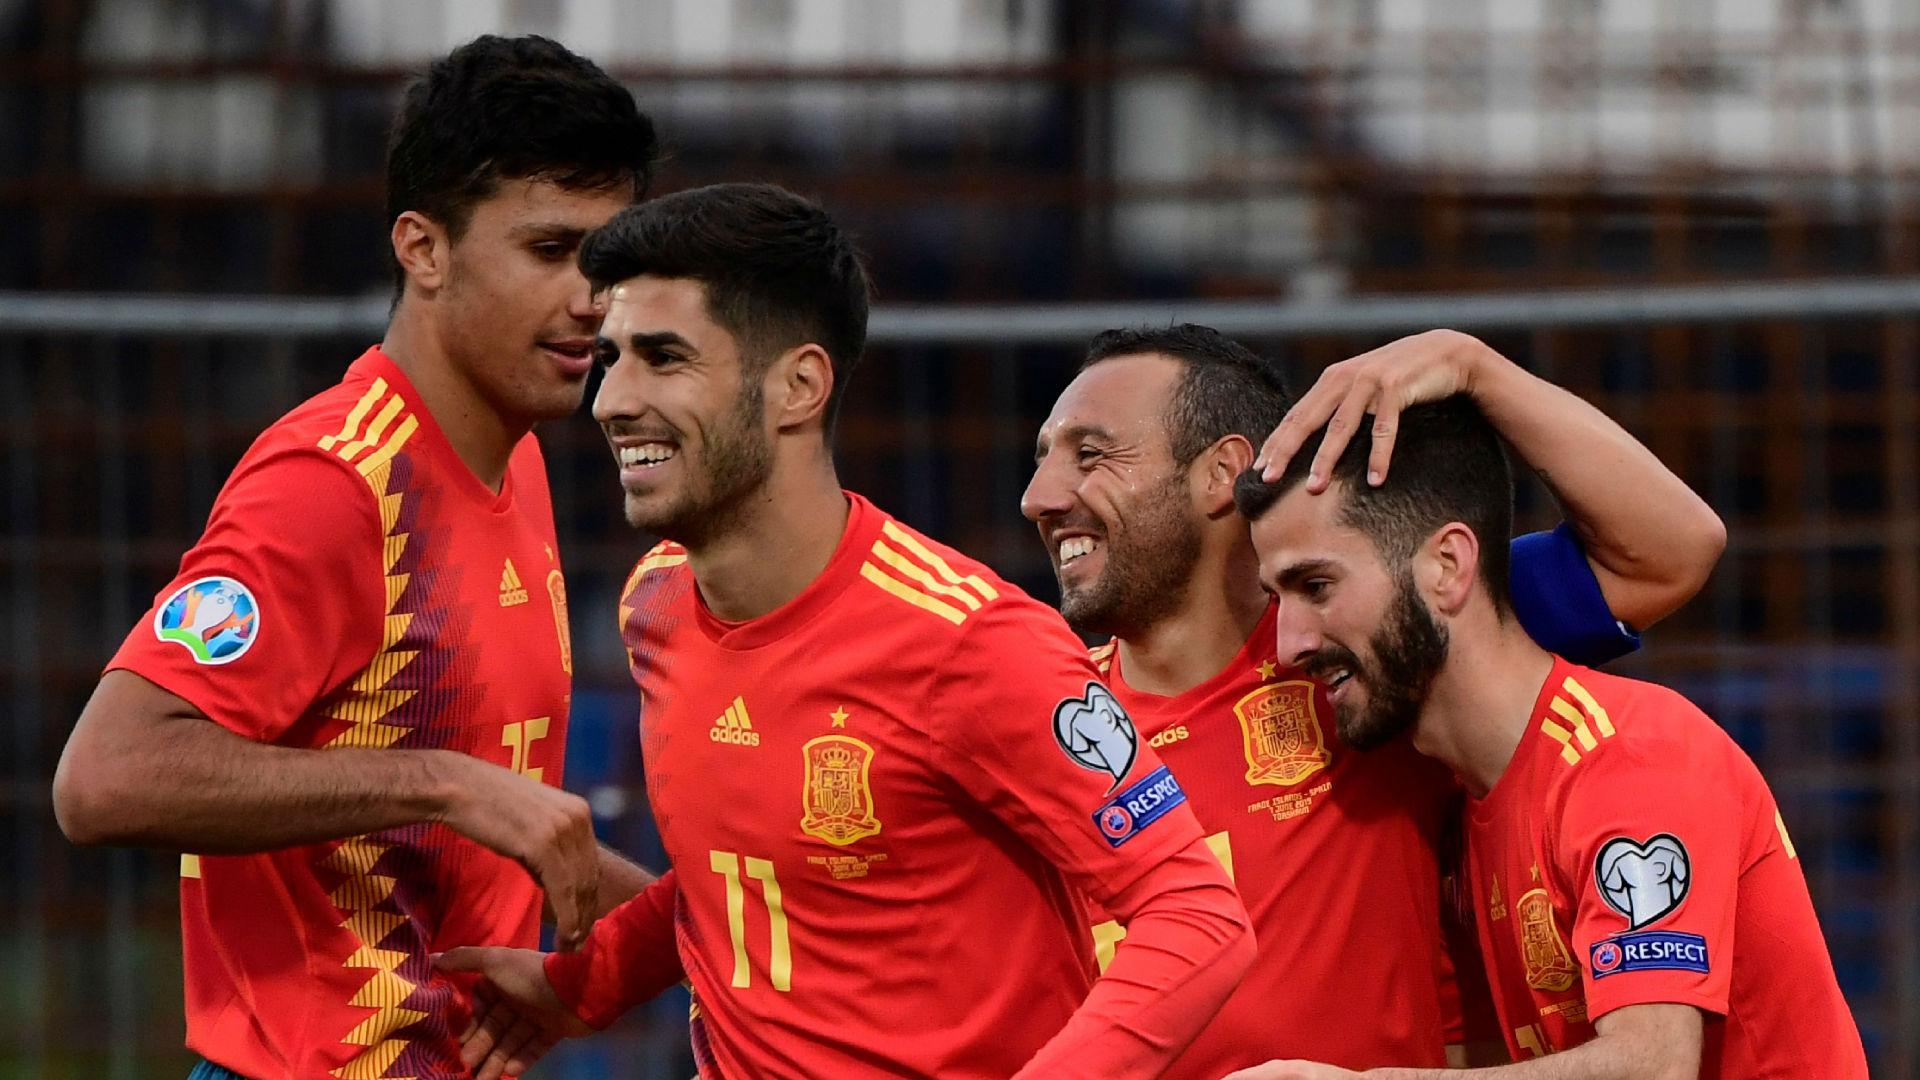 Nhận định Tây Ban Nha vs Thụy Điển: Cơ hội quý hơn vàng